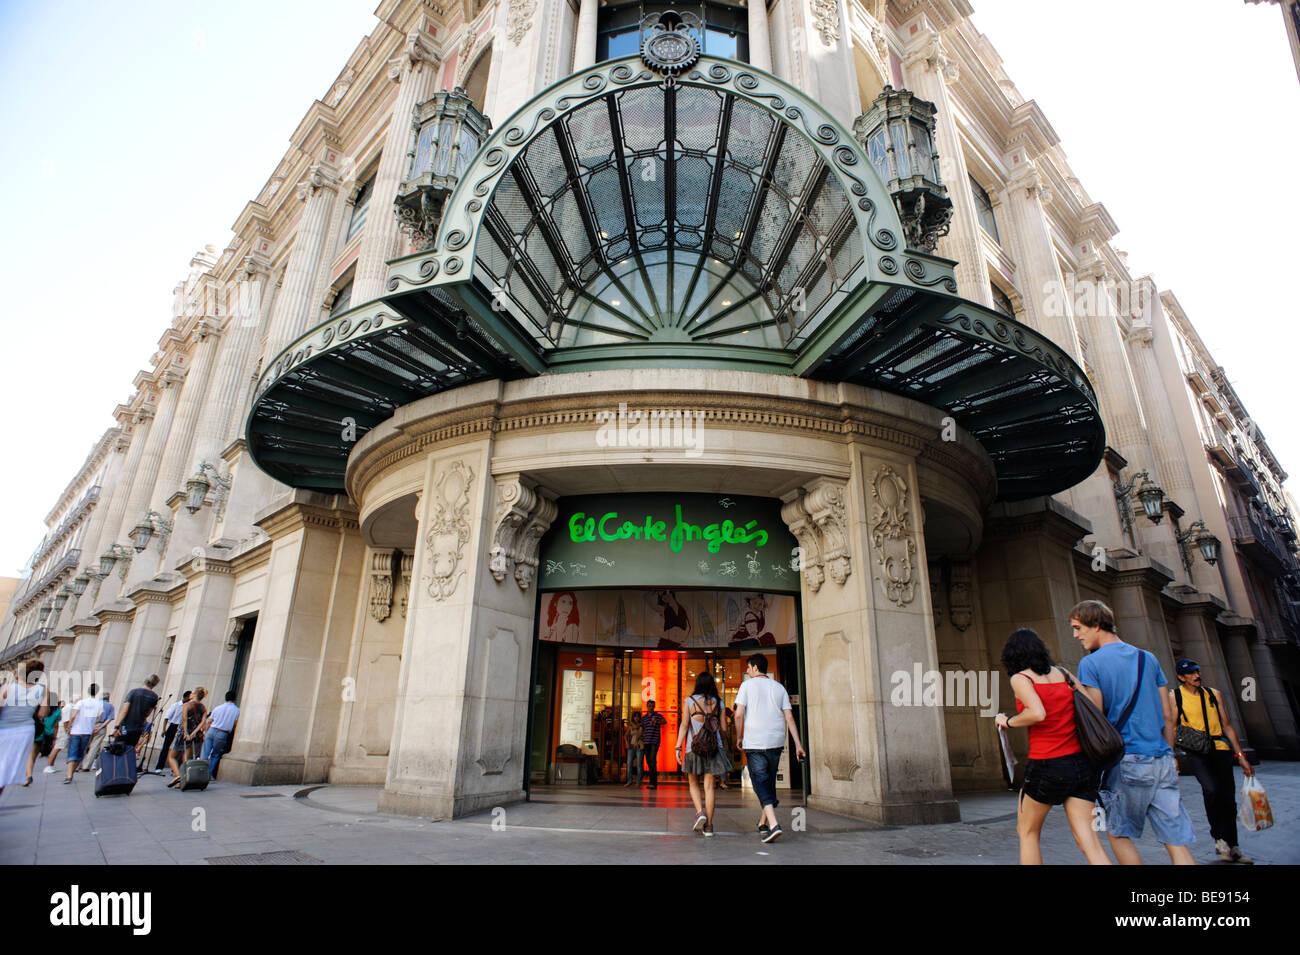 El corte ingles barcelona stock photos el corte ingles barcelona stock images alamy - El corte ingles stores ...